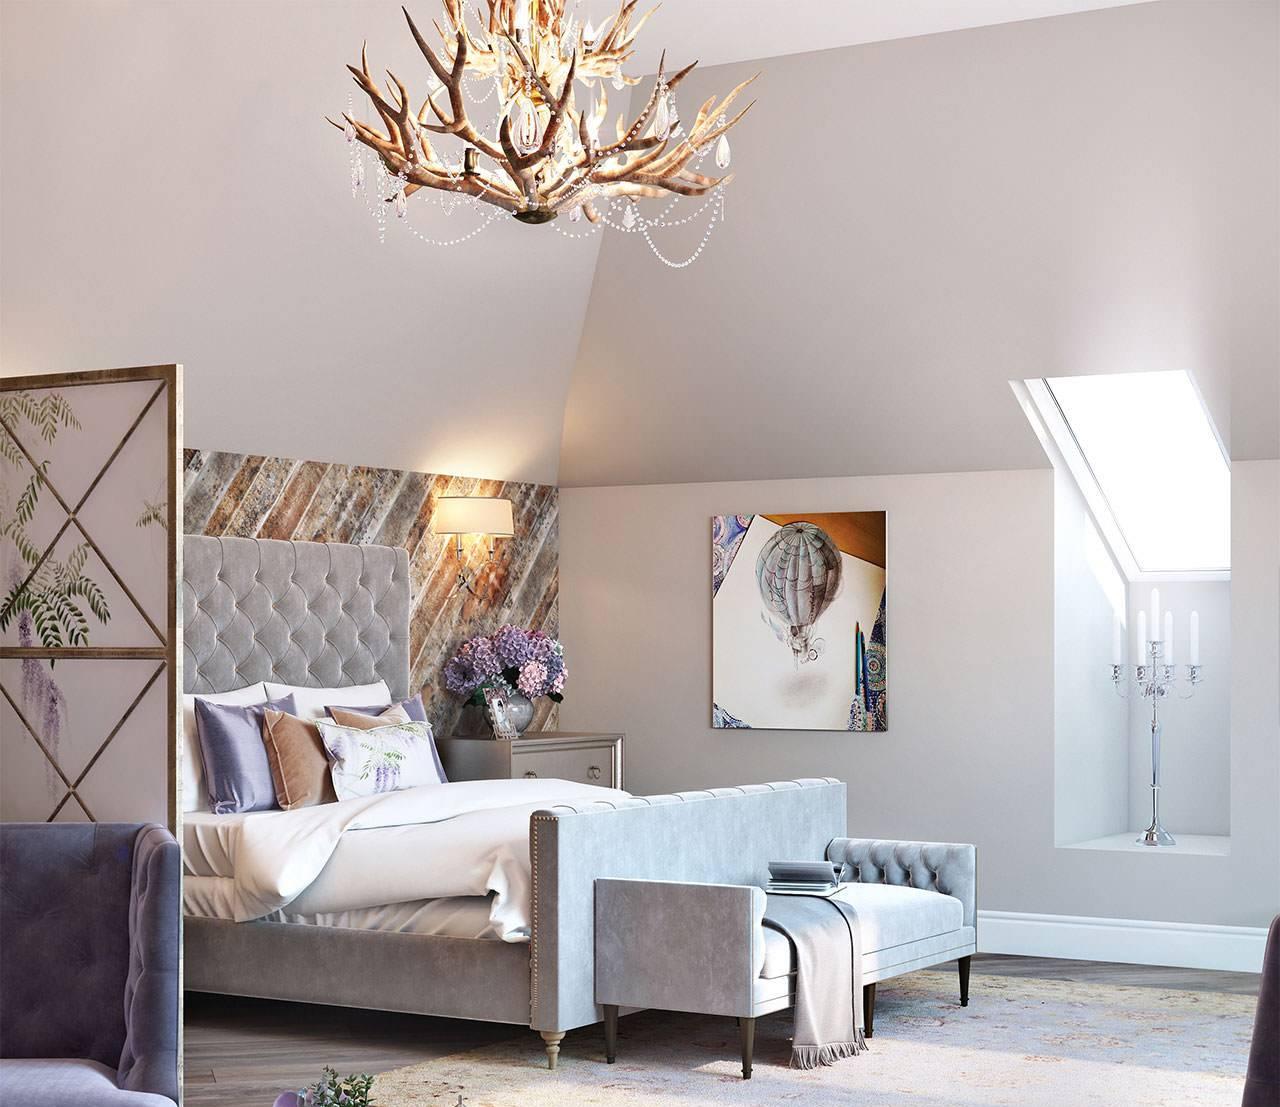 Необычное световое оформление спальни